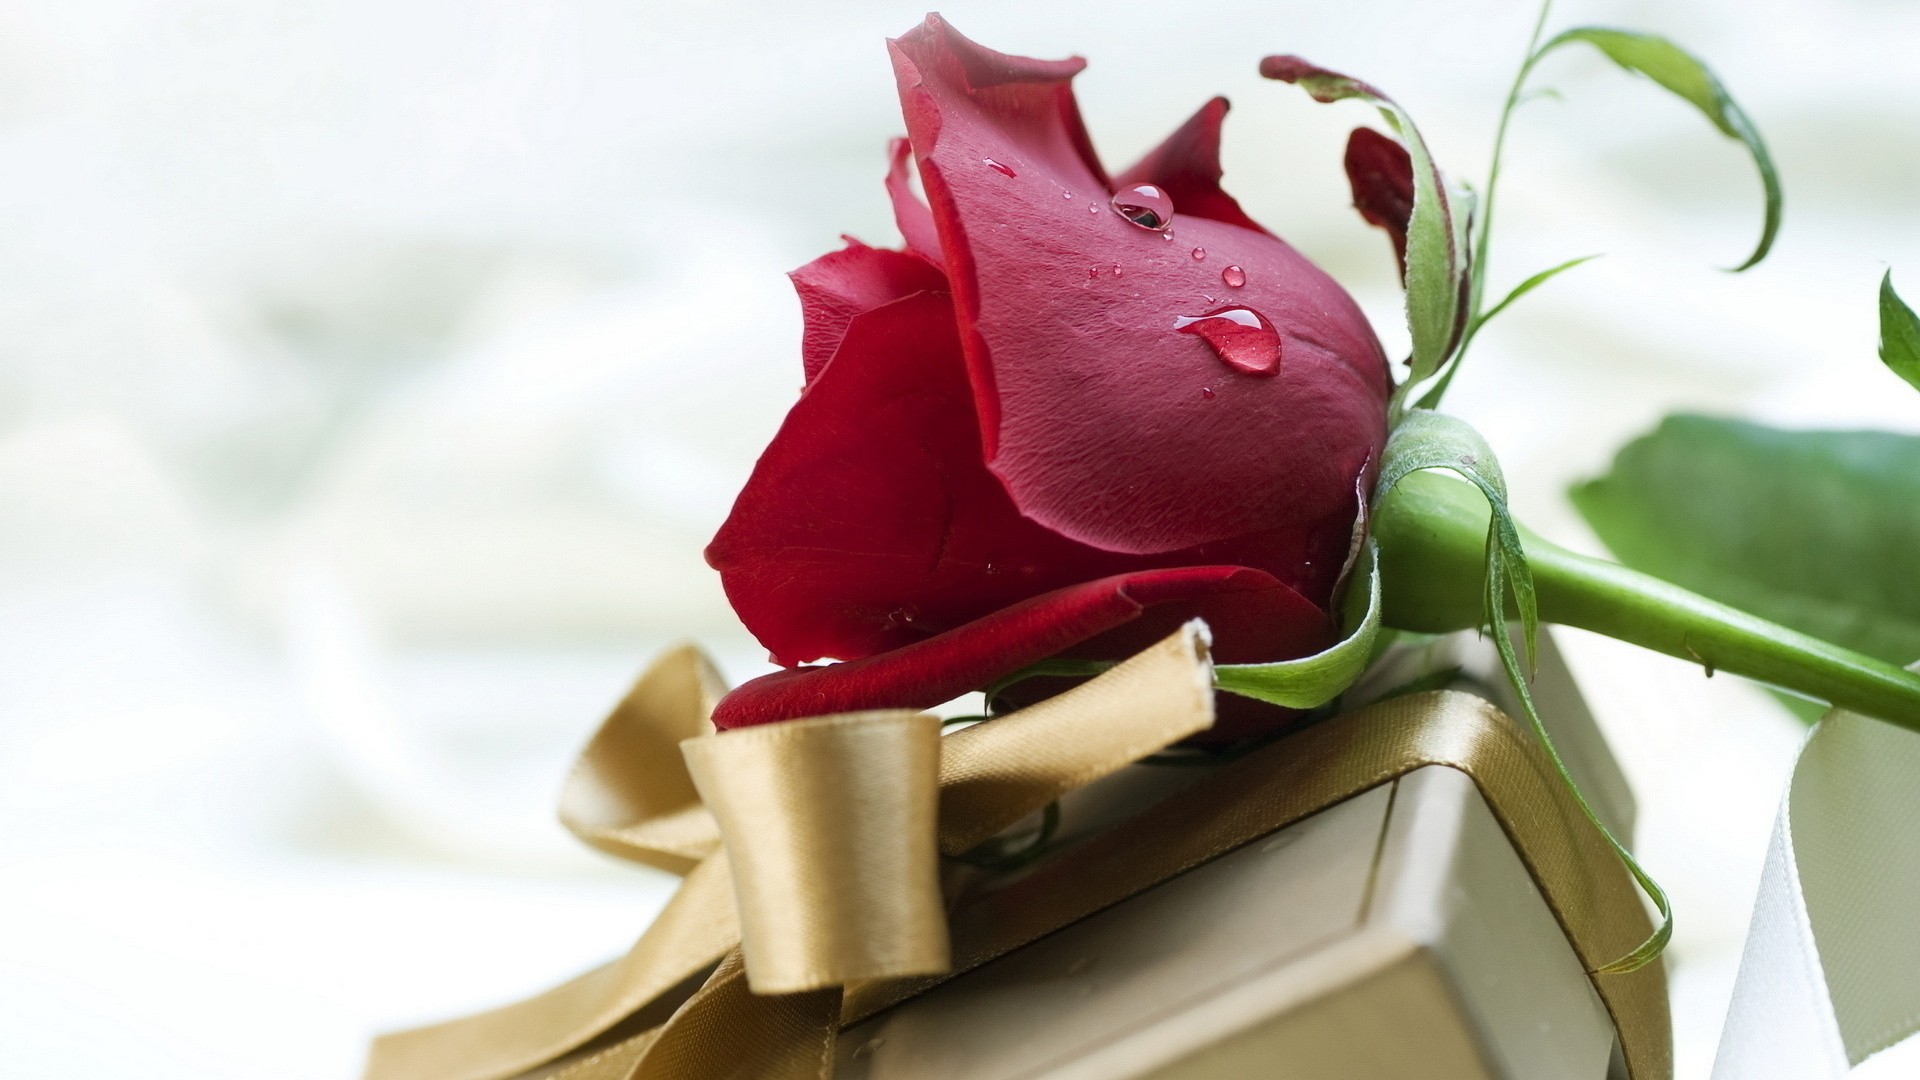 айфон красивые картинки цветы на ватсап просите оставить